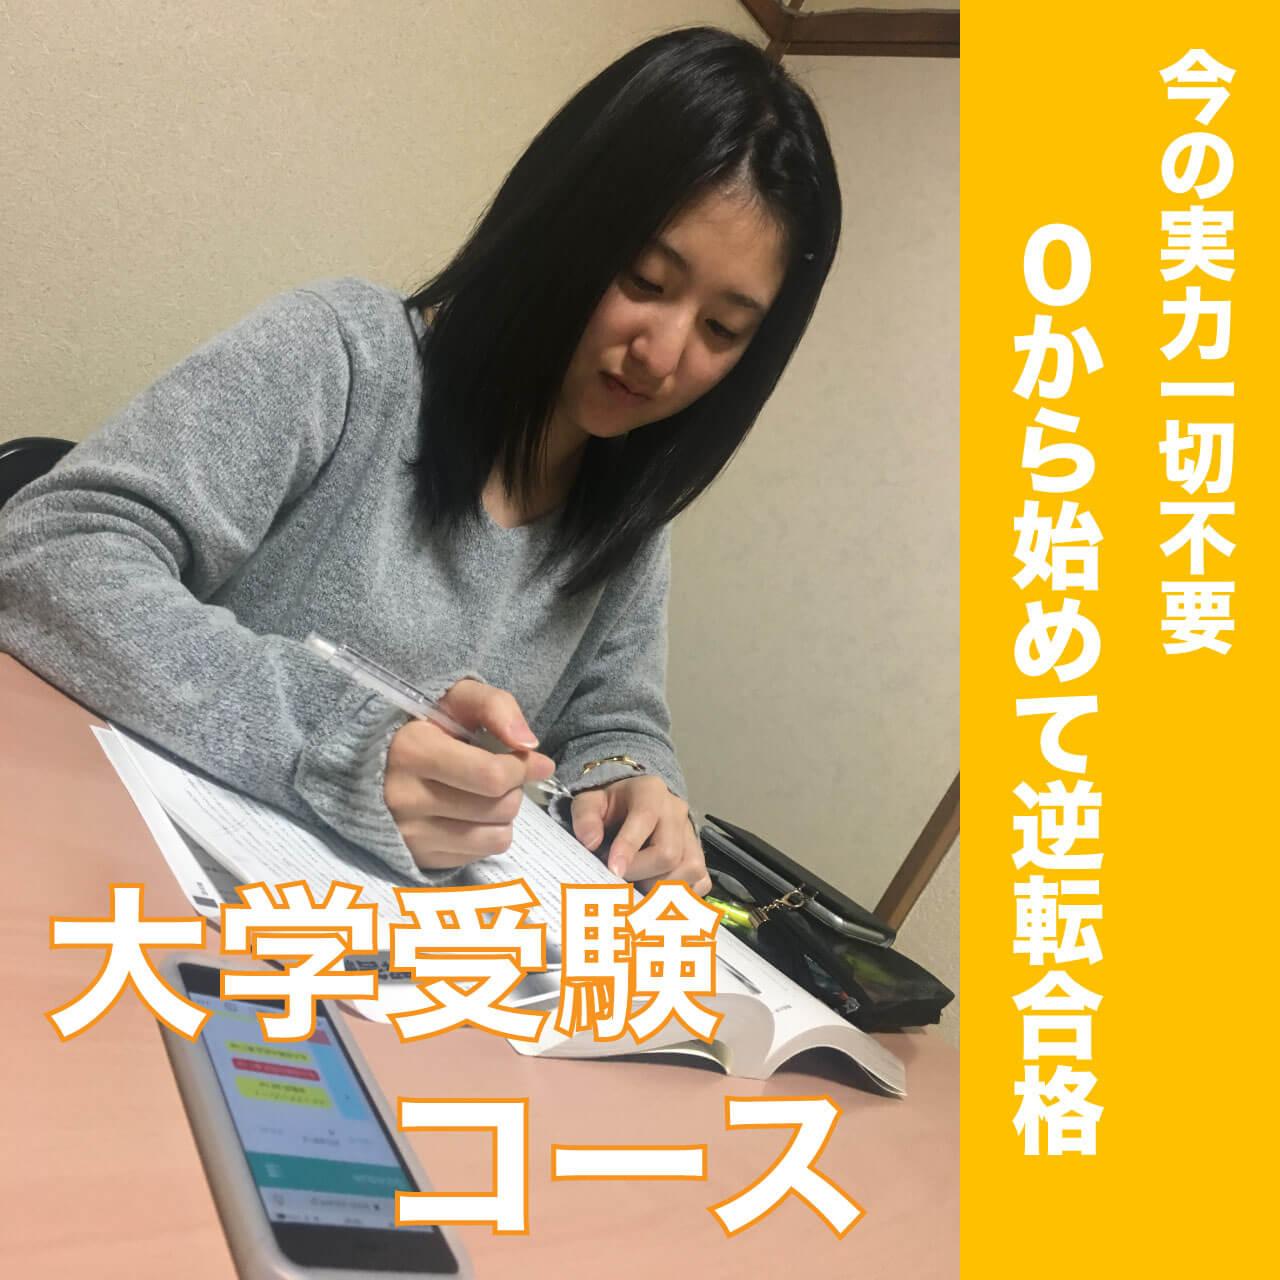 大学受験コース